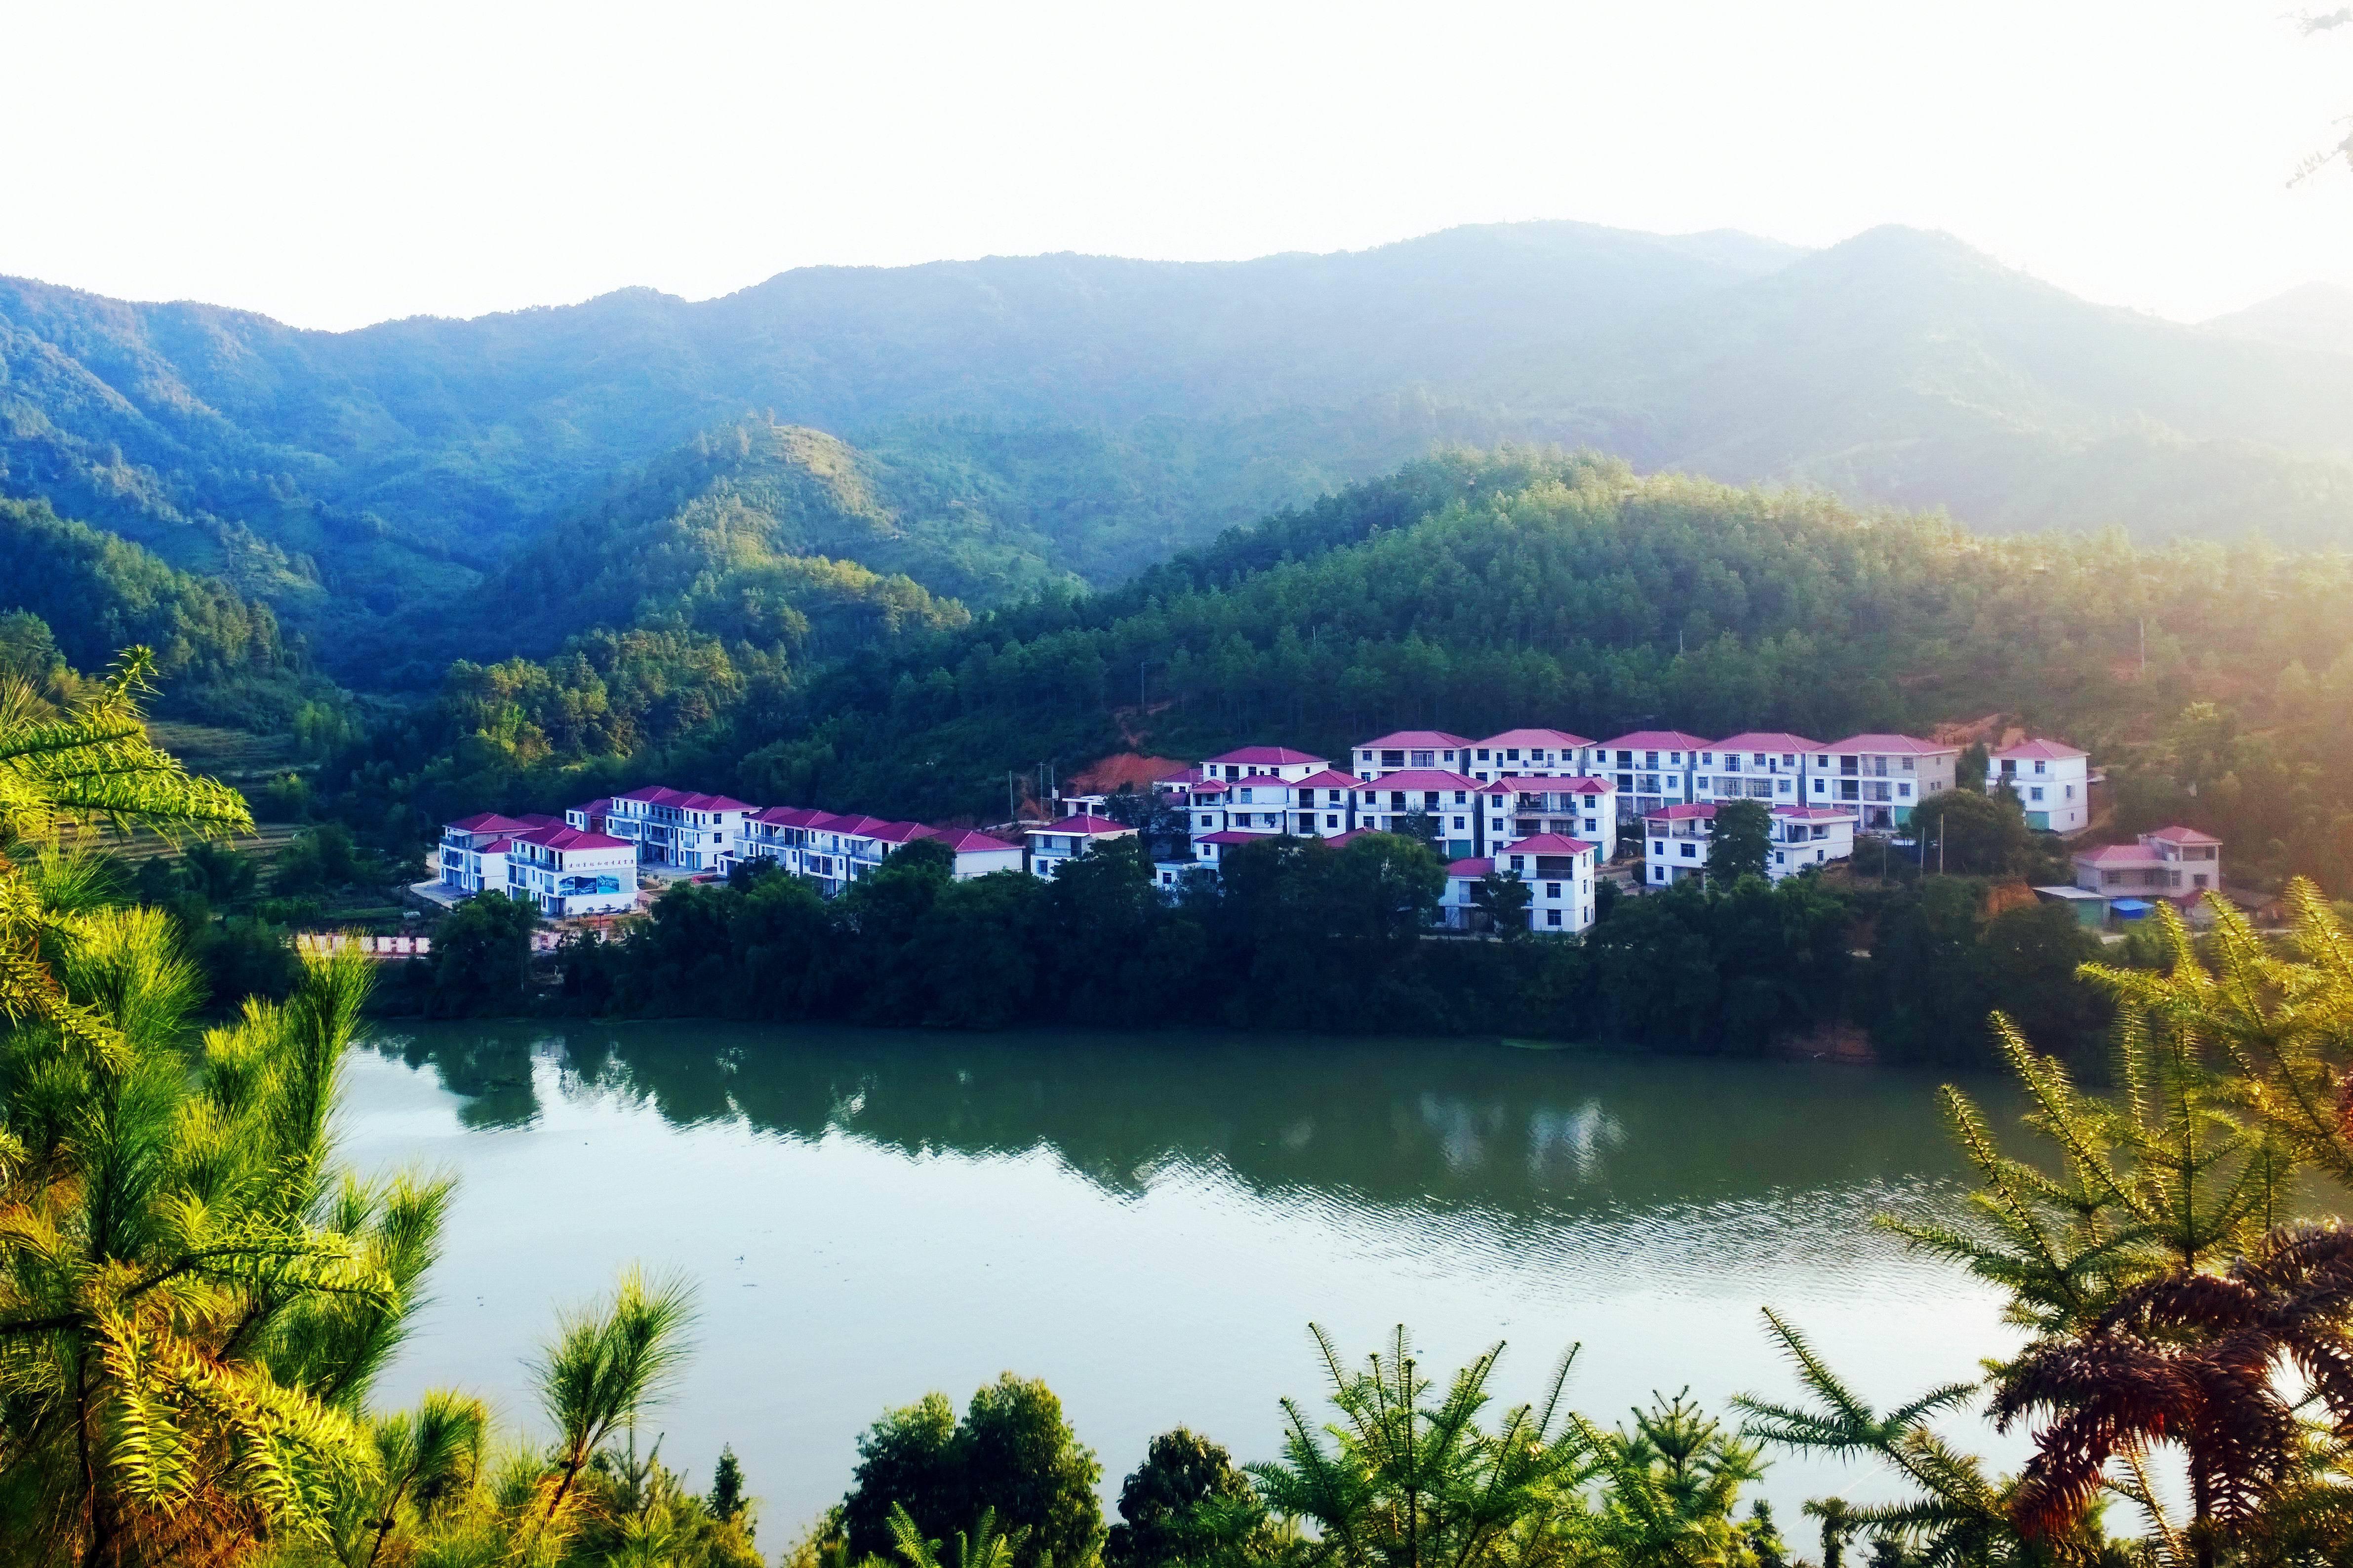 的美好景致.   2013年以来,珠兰乡结合新型城镇化及和谐秀美乡村庄